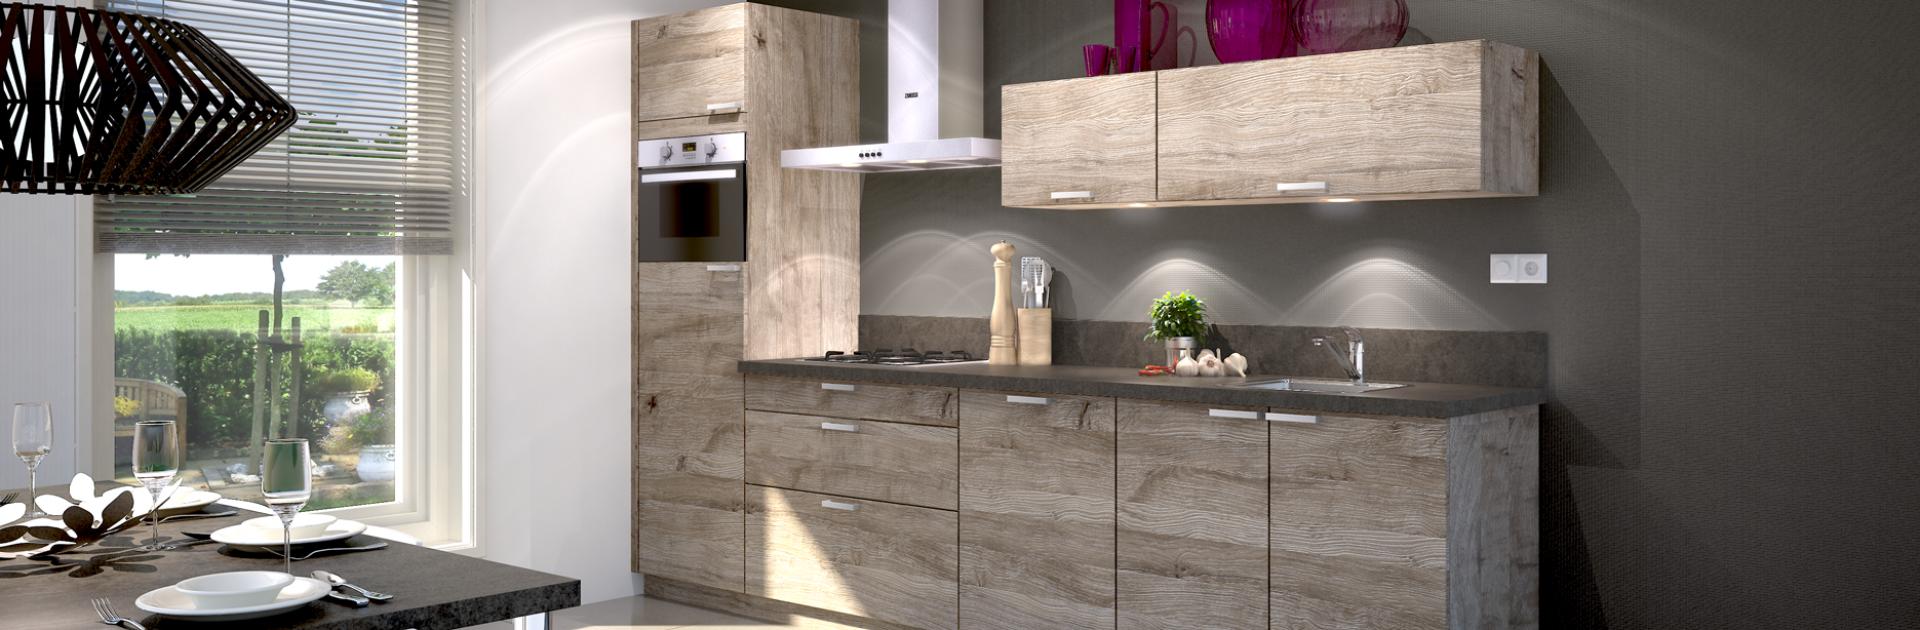 Inspiratie voor kleine rechte keukens   Eigenhuis Keukens